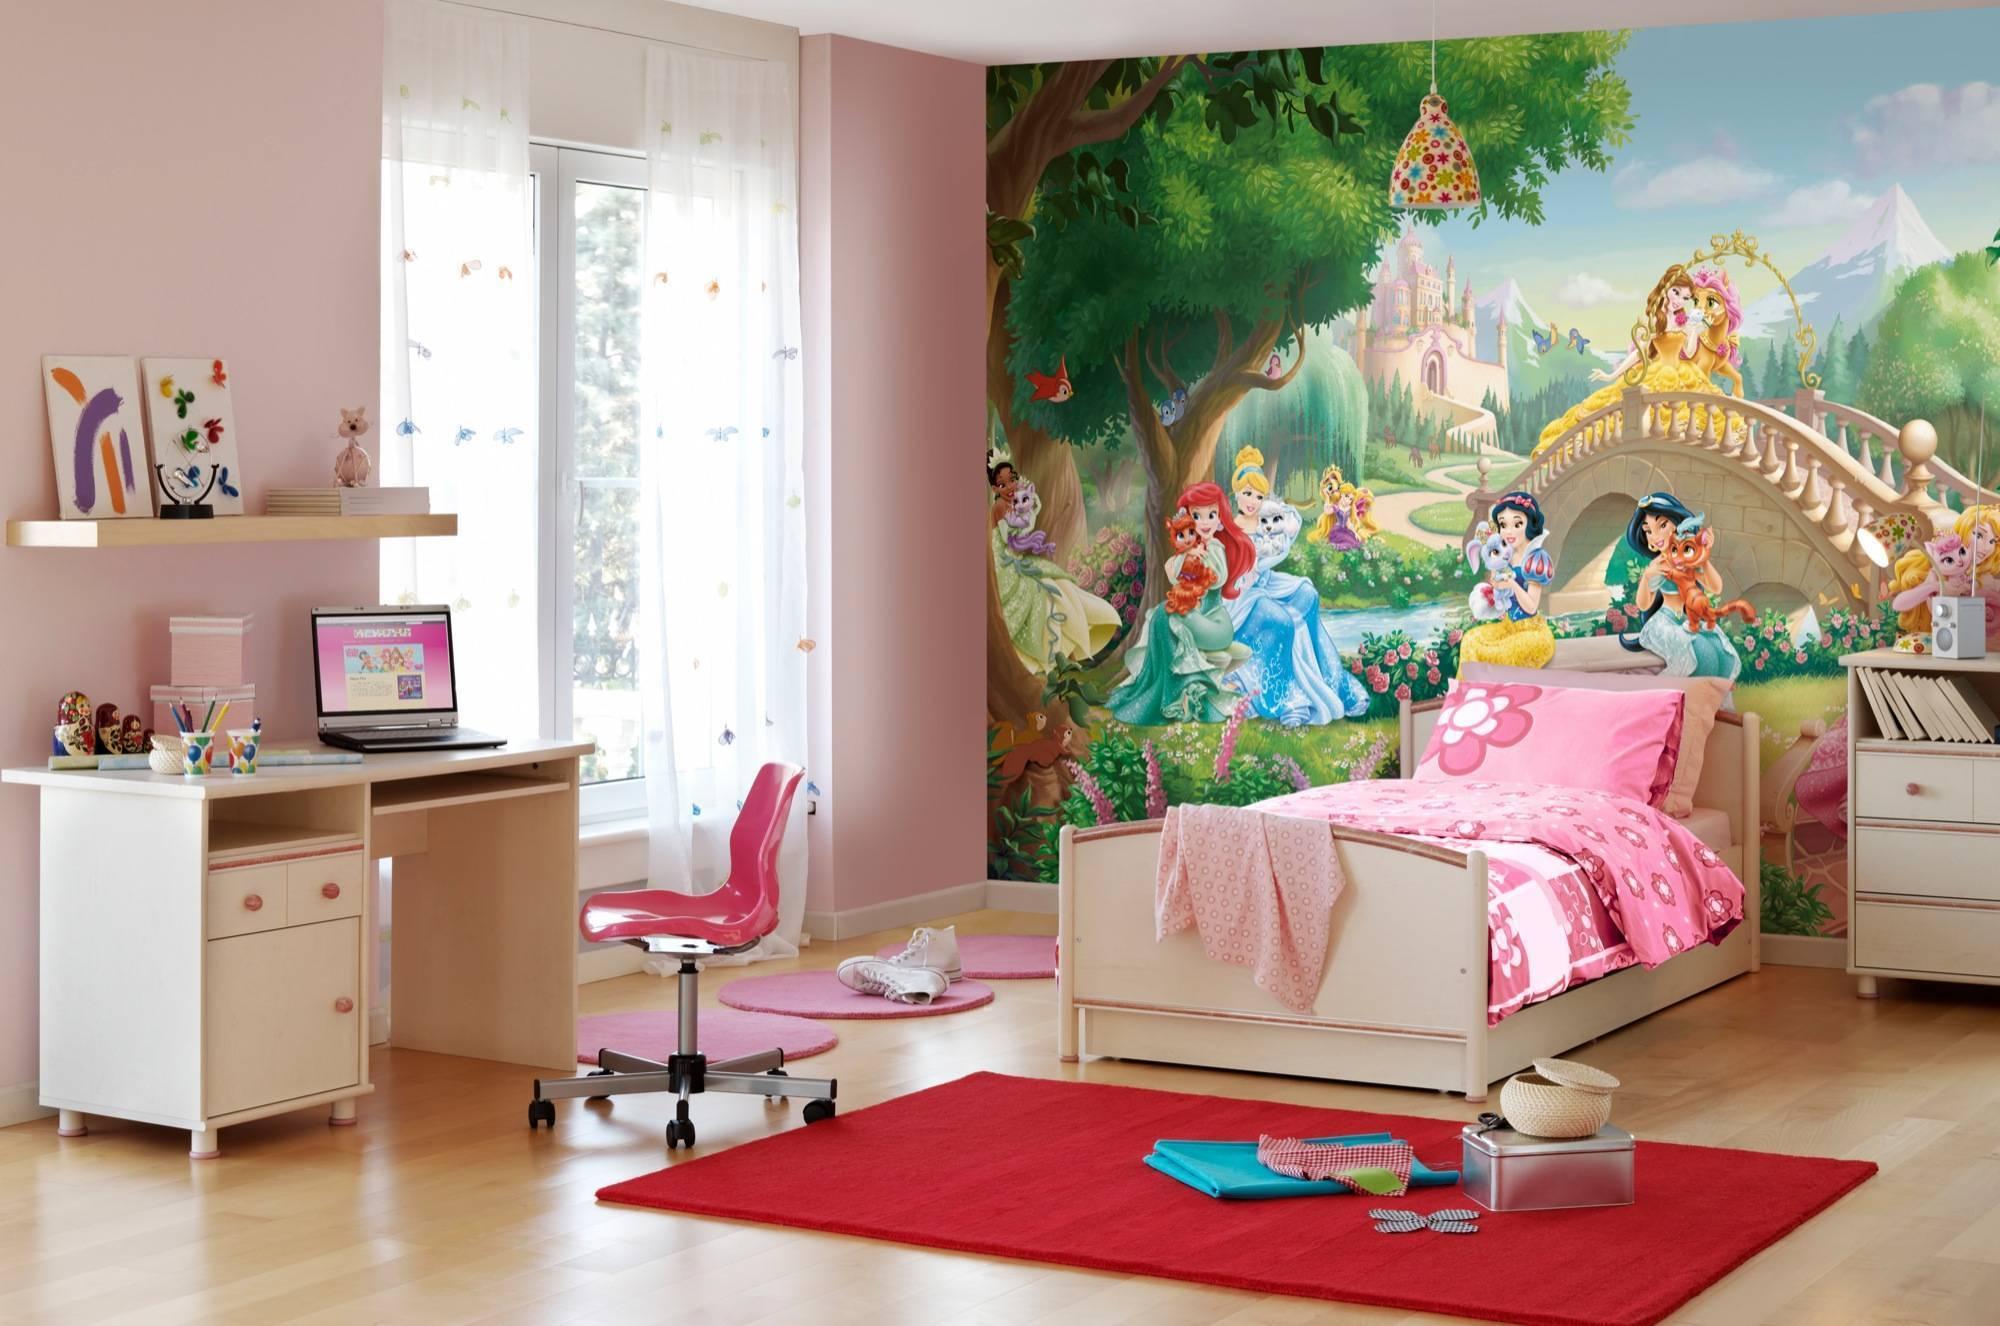 Современные обои в детской комнате | идеи для интерьера и дизайна